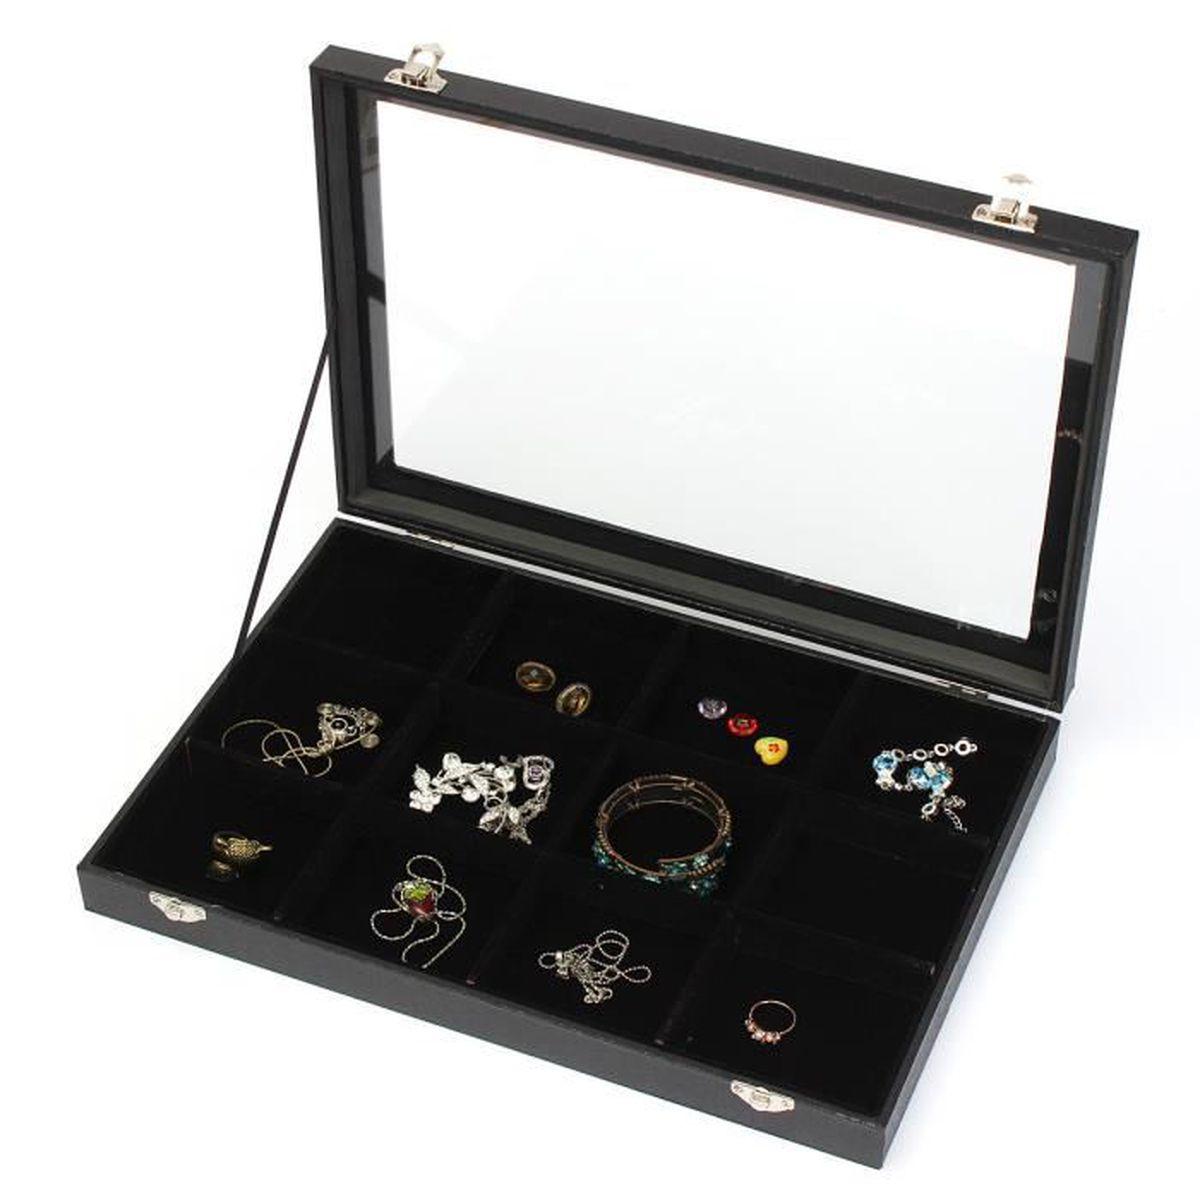 coffret rangement de bijoux achat vente pas cher cdiscount. Black Bedroom Furniture Sets. Home Design Ideas